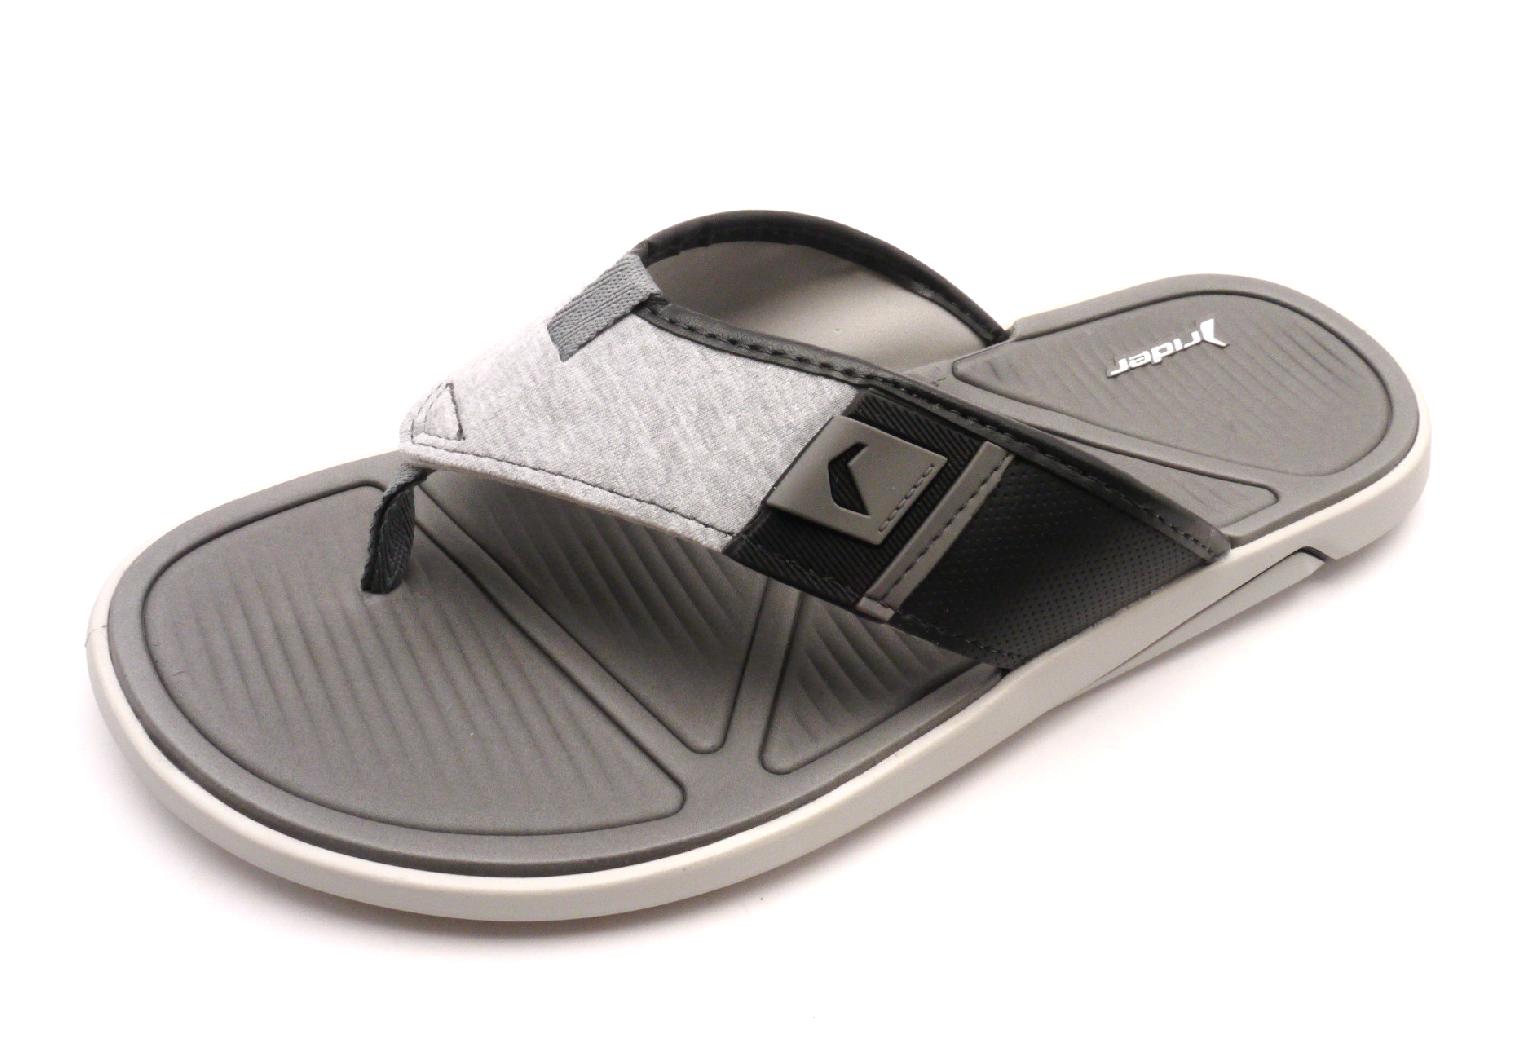 Pánské pantofle Rider 11027-21 Velikost: 39-40